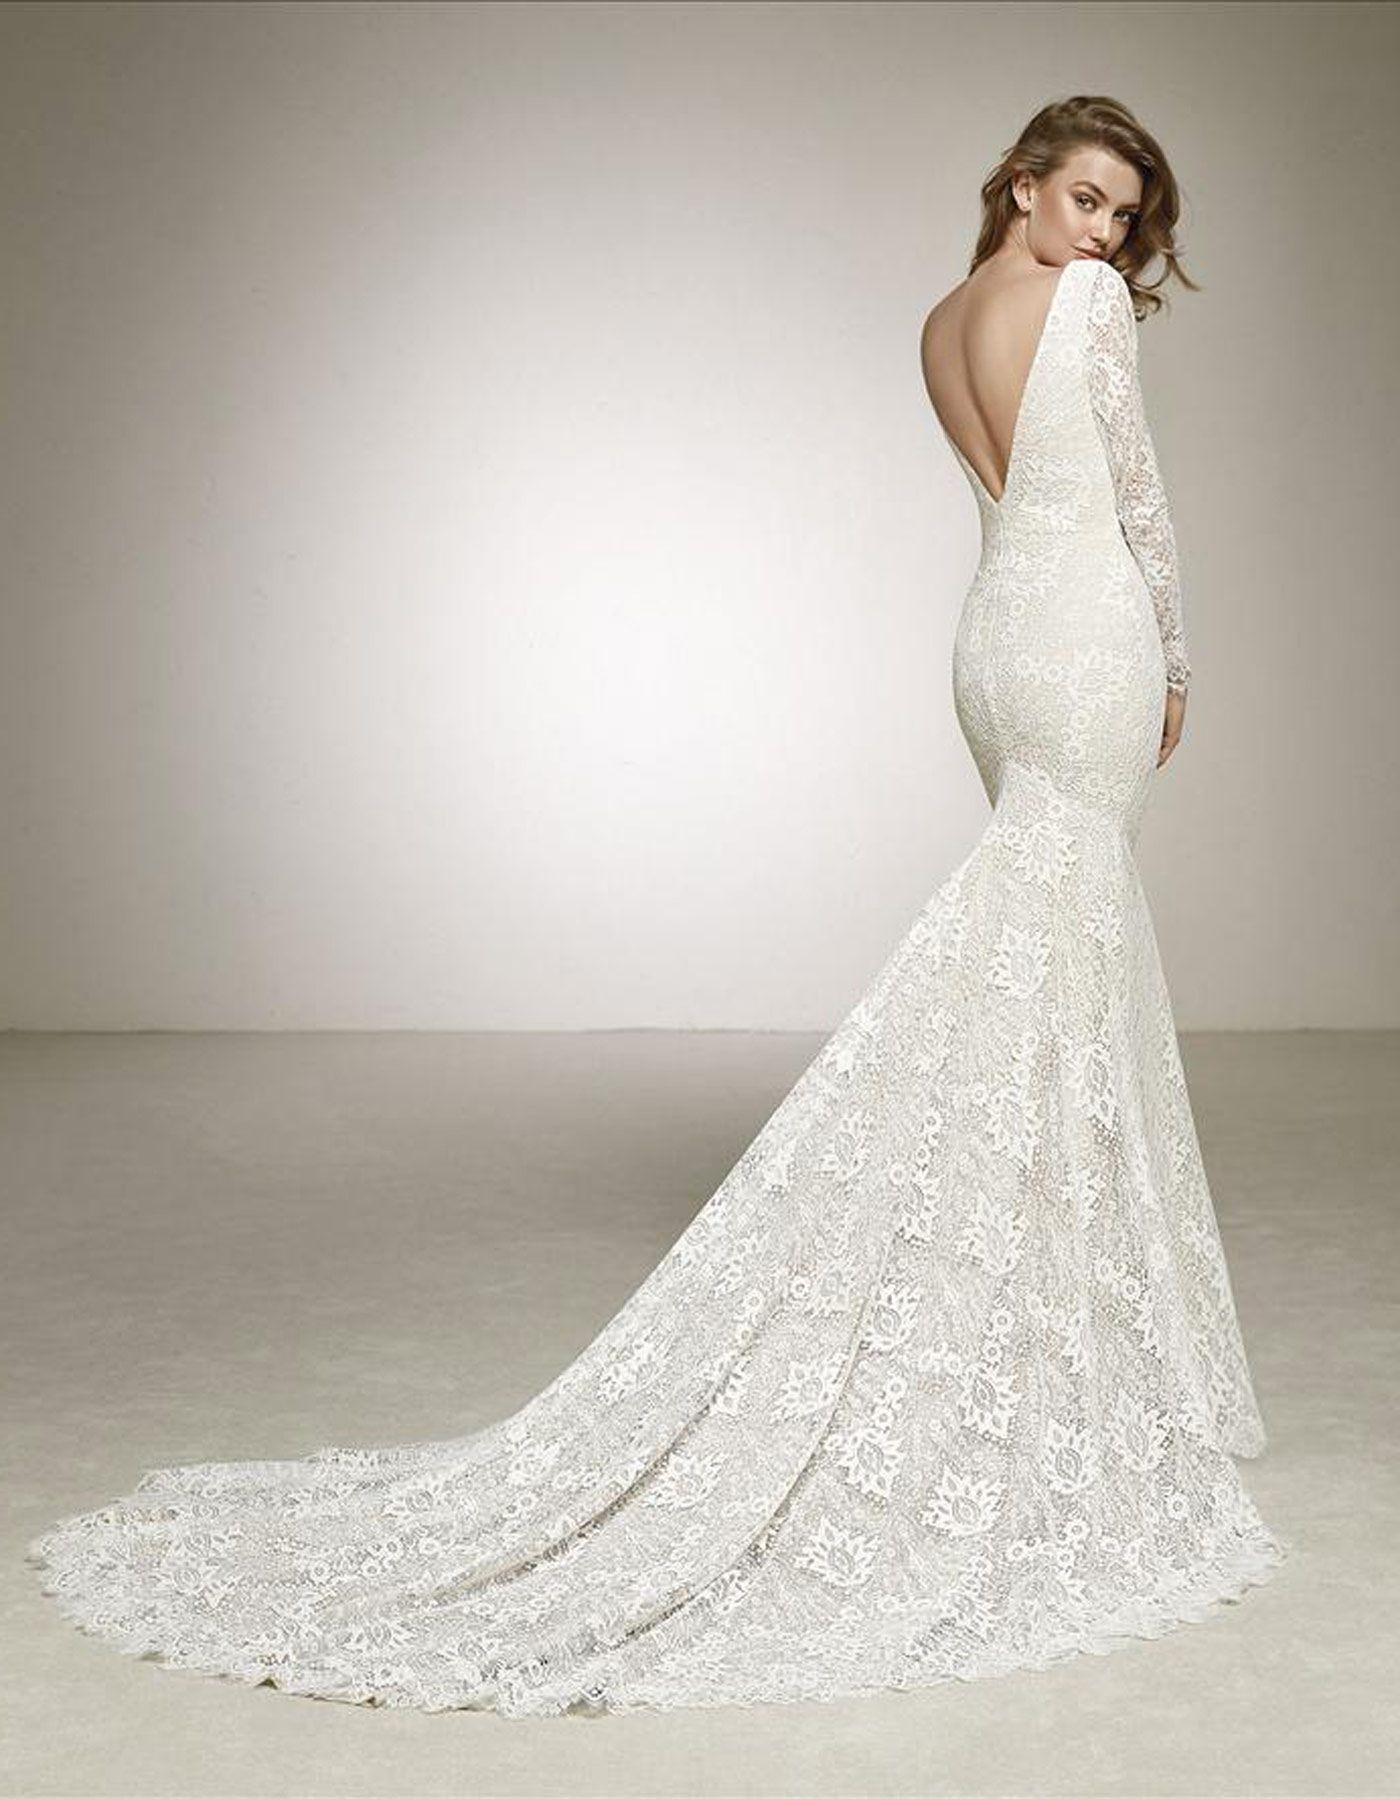 32a584d8cbb6 Dances by Pronovias - long sleeved lace wedding dress with plunging  V-neckline. www.raffaeleciuca.com.au MELB . AUS